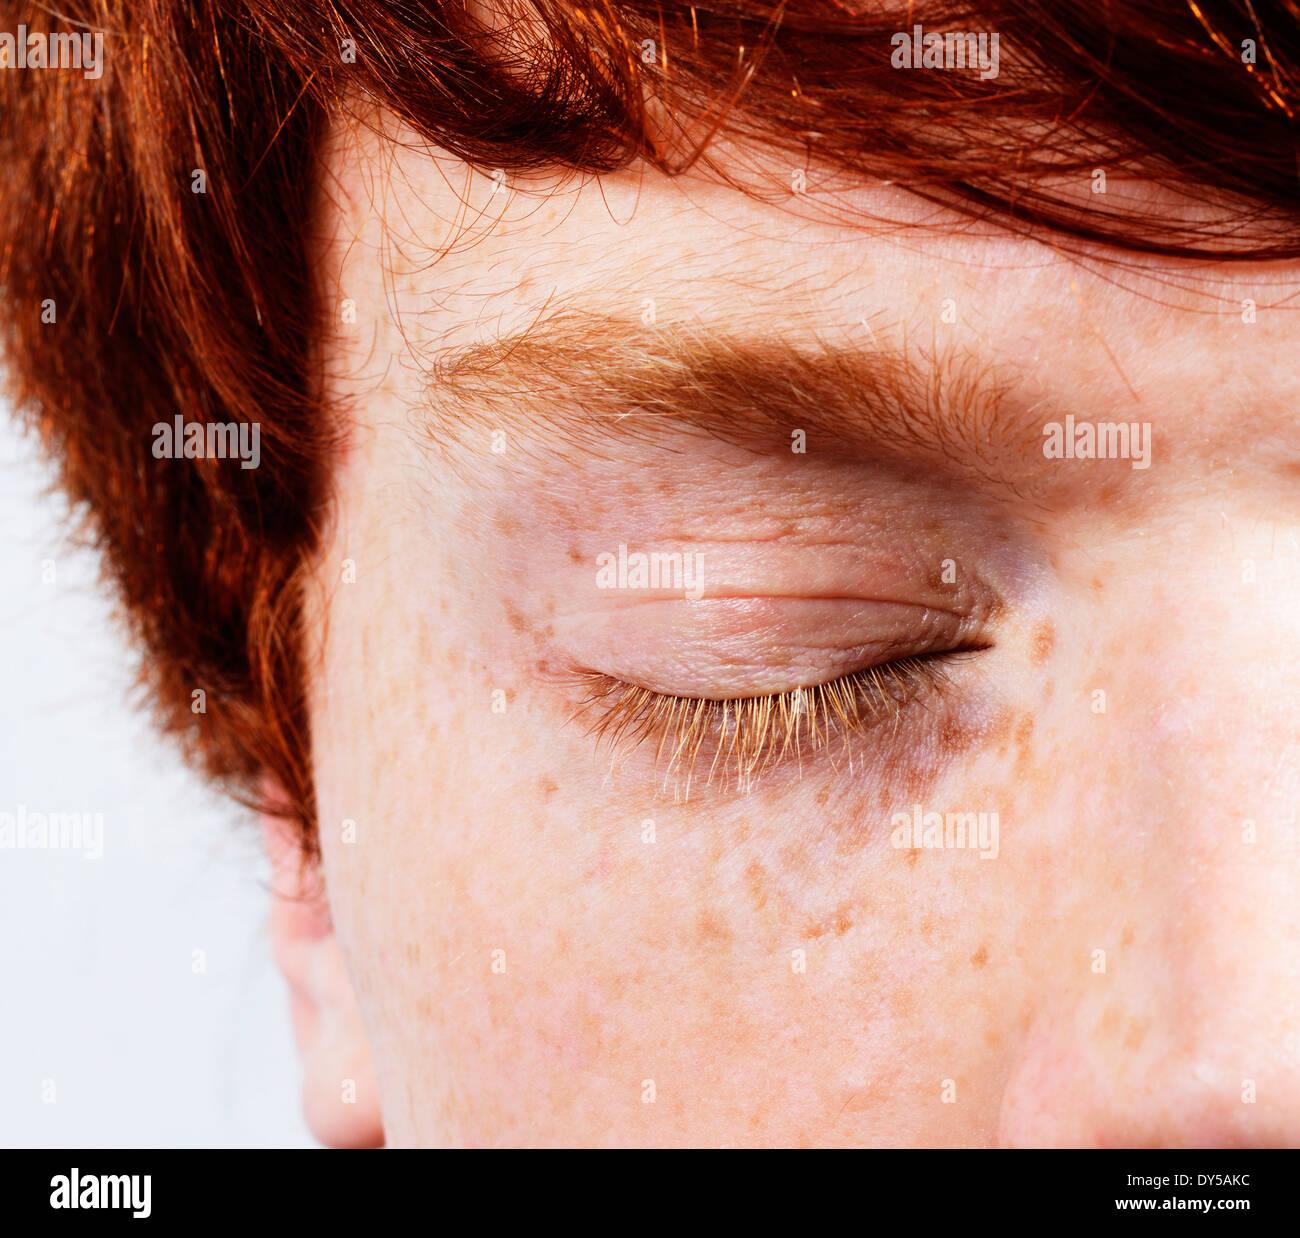 Visage tourné de partiel jeune homme aux cheveux roux et taches de rousseur, les yeux fermés Photo Stock